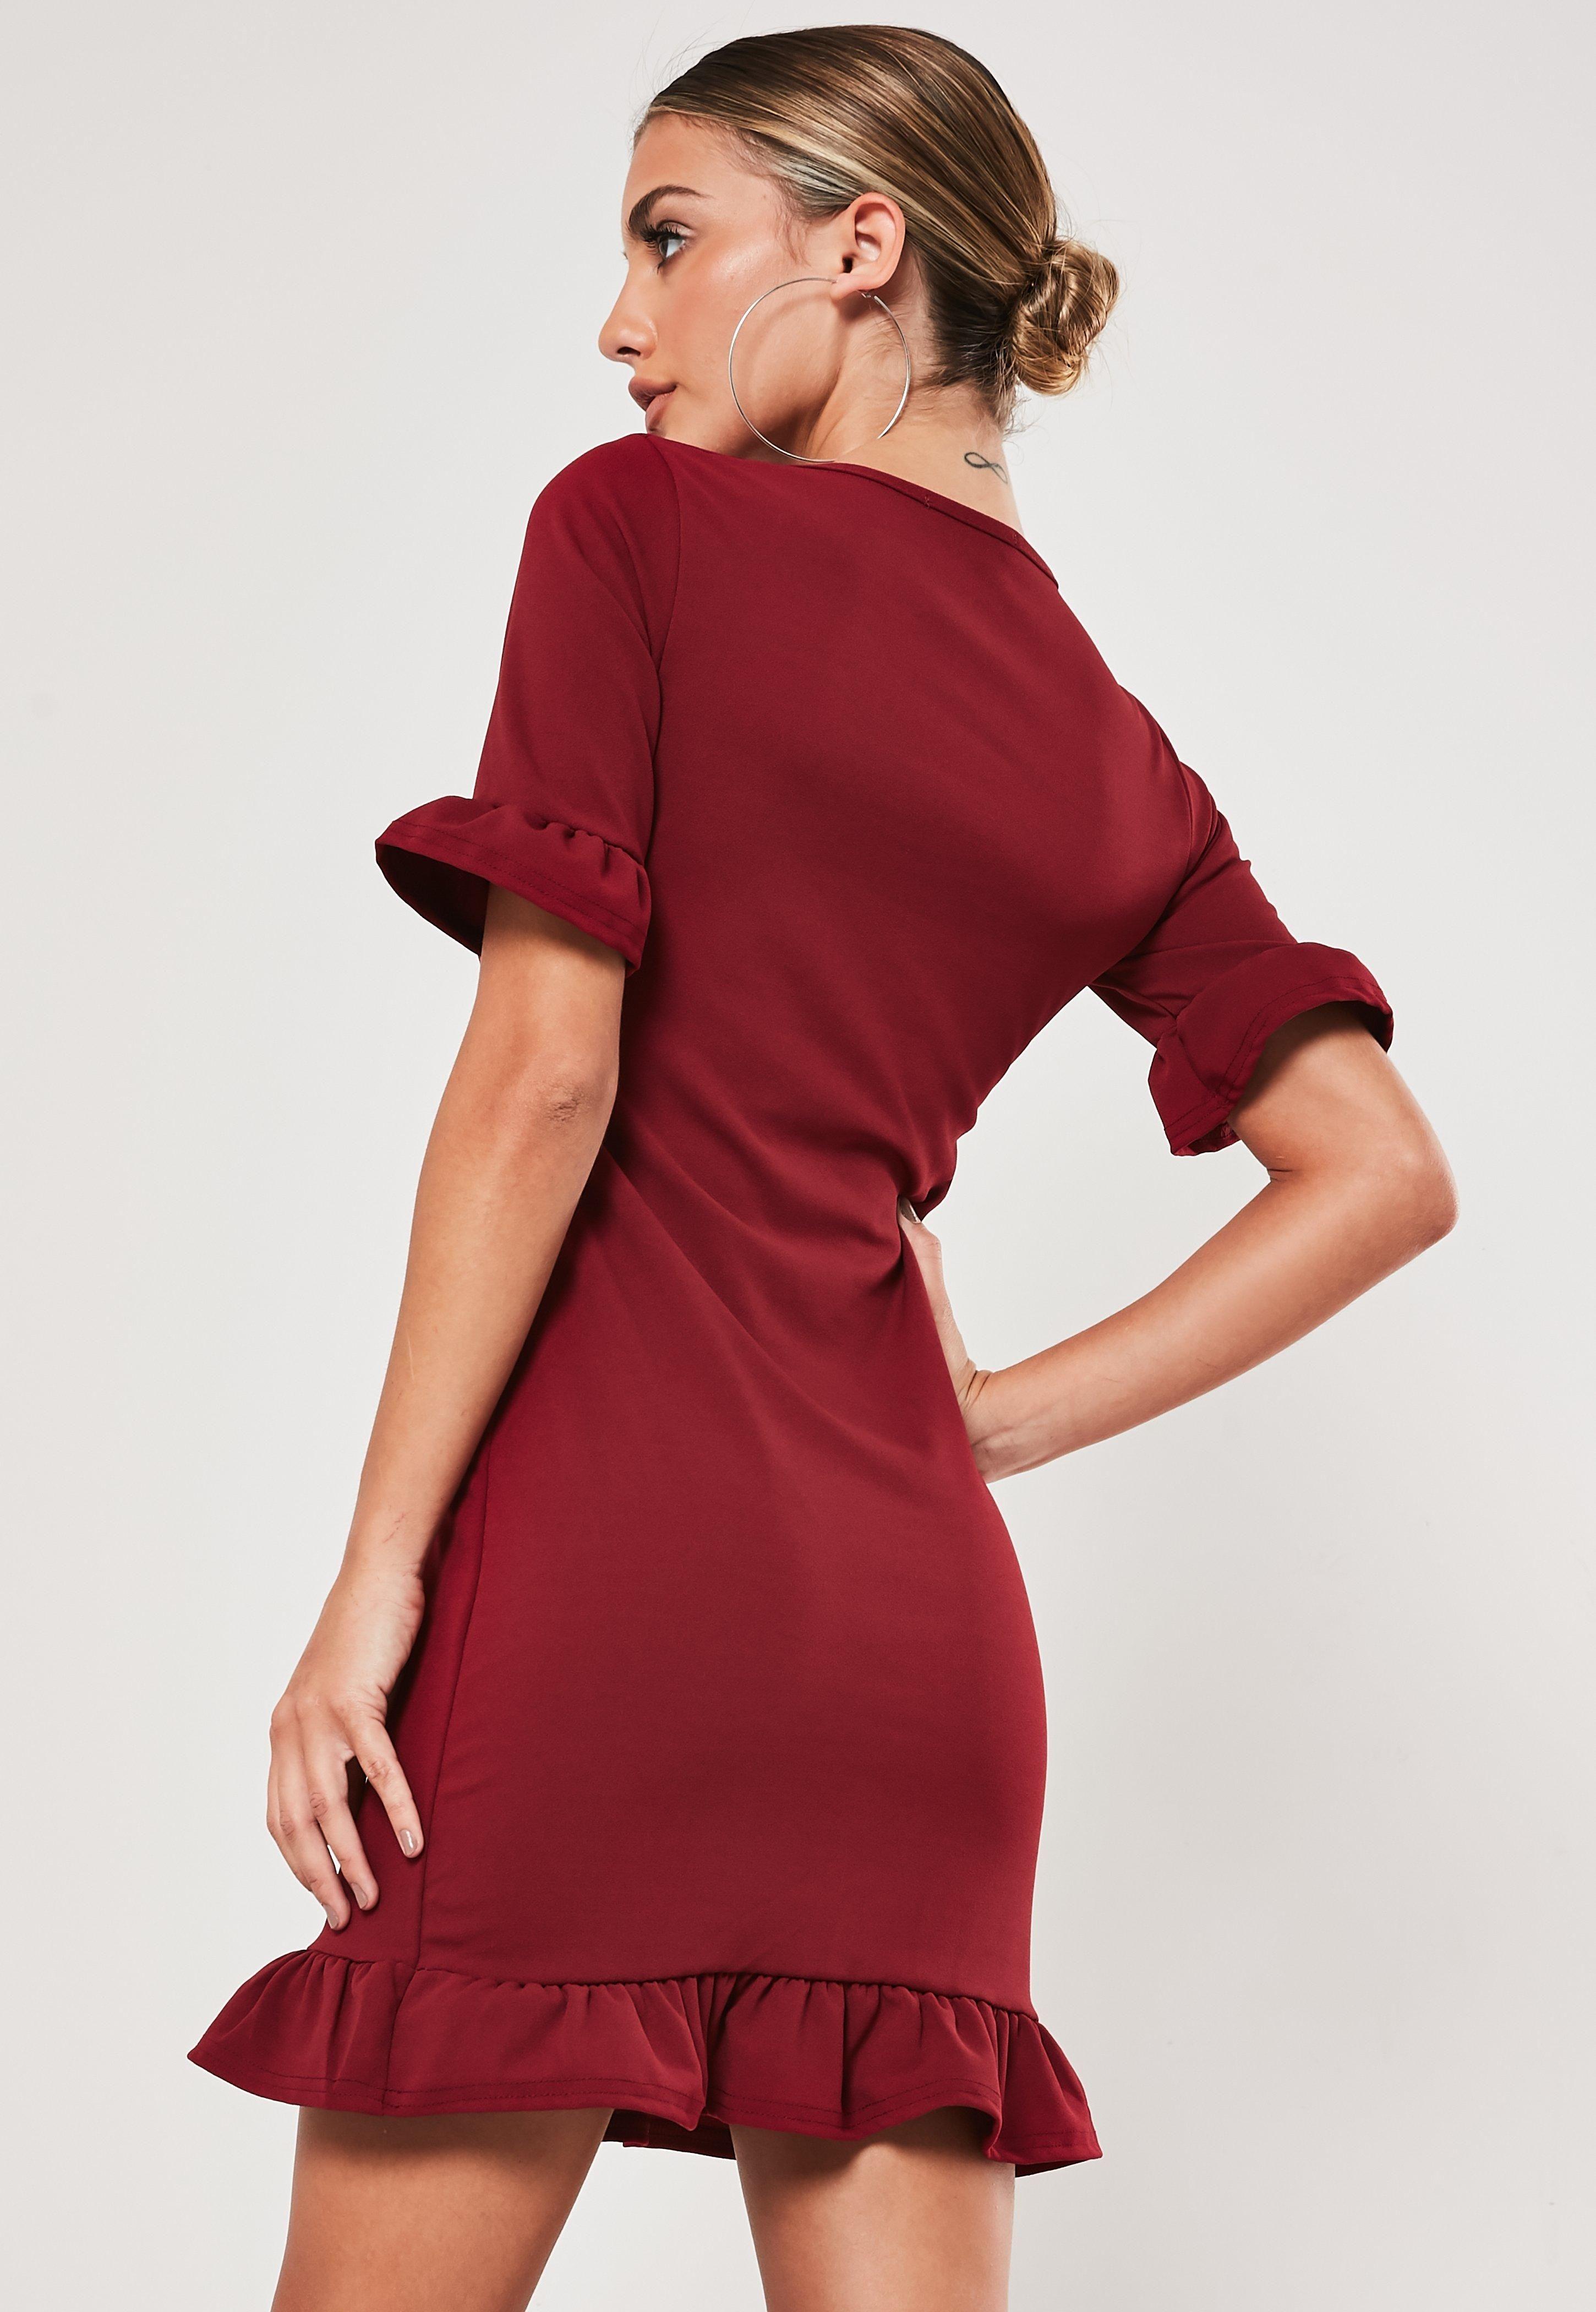 Burgundy Frill Short Sleeve Shift Dress Sponsored Short Sponsored Frill Burgundy Short Sleeve Shift Dress Womens Dresses Dress Drop [ 4200 x 2900 Pixel ]